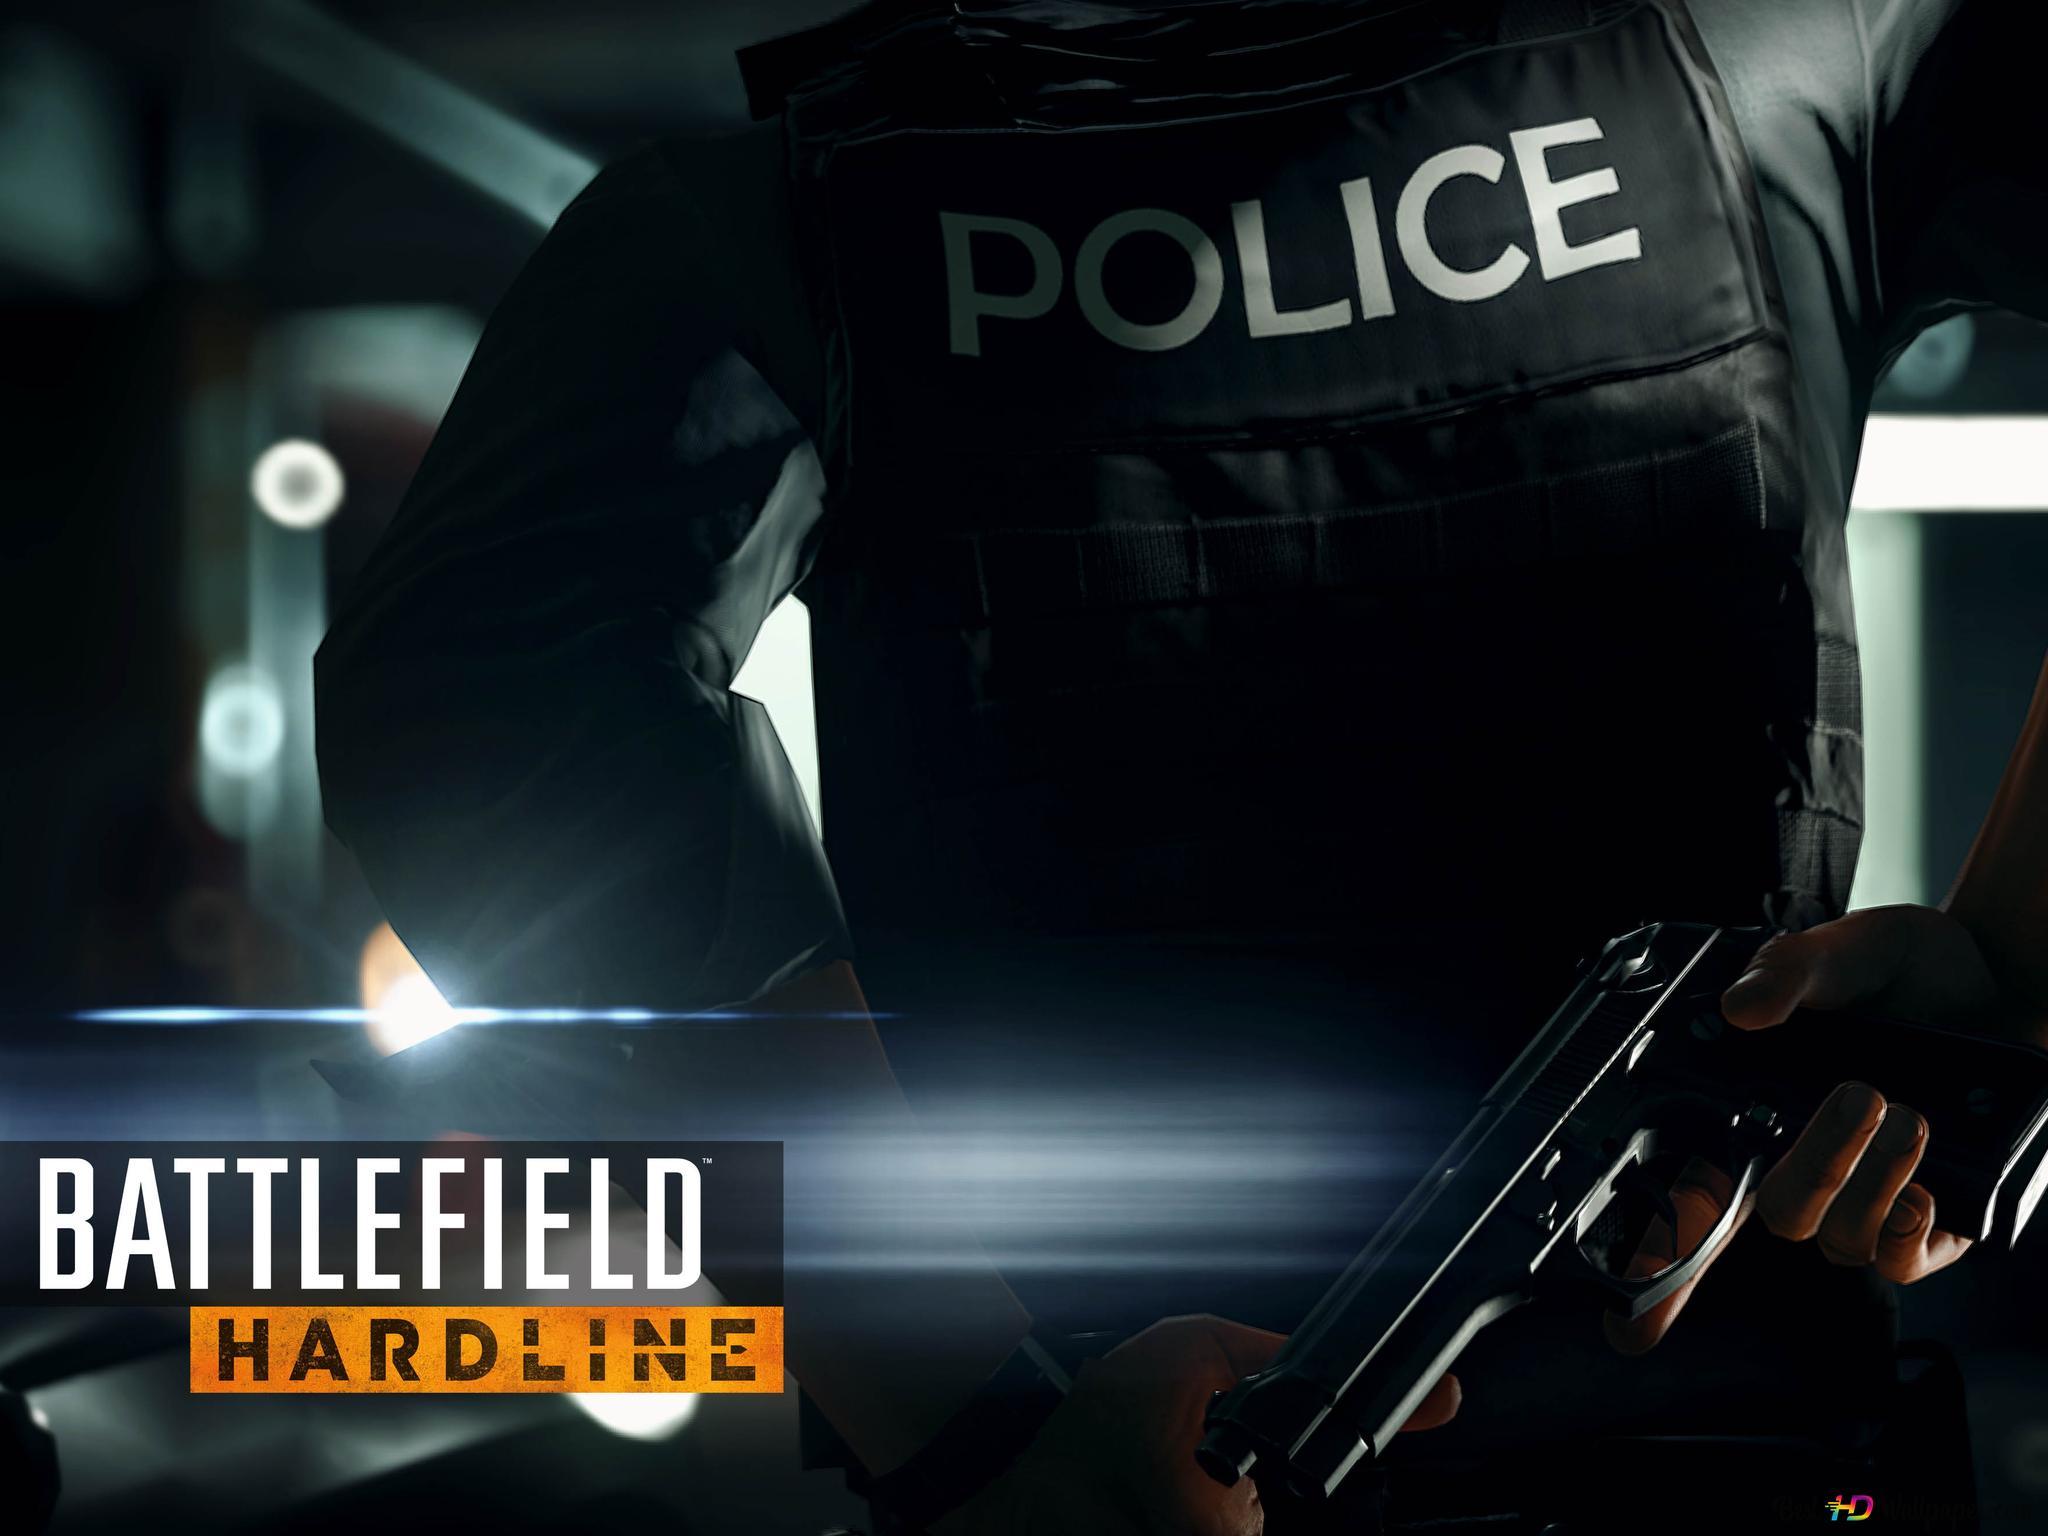 战场强硬 警察手枪高清壁纸下载